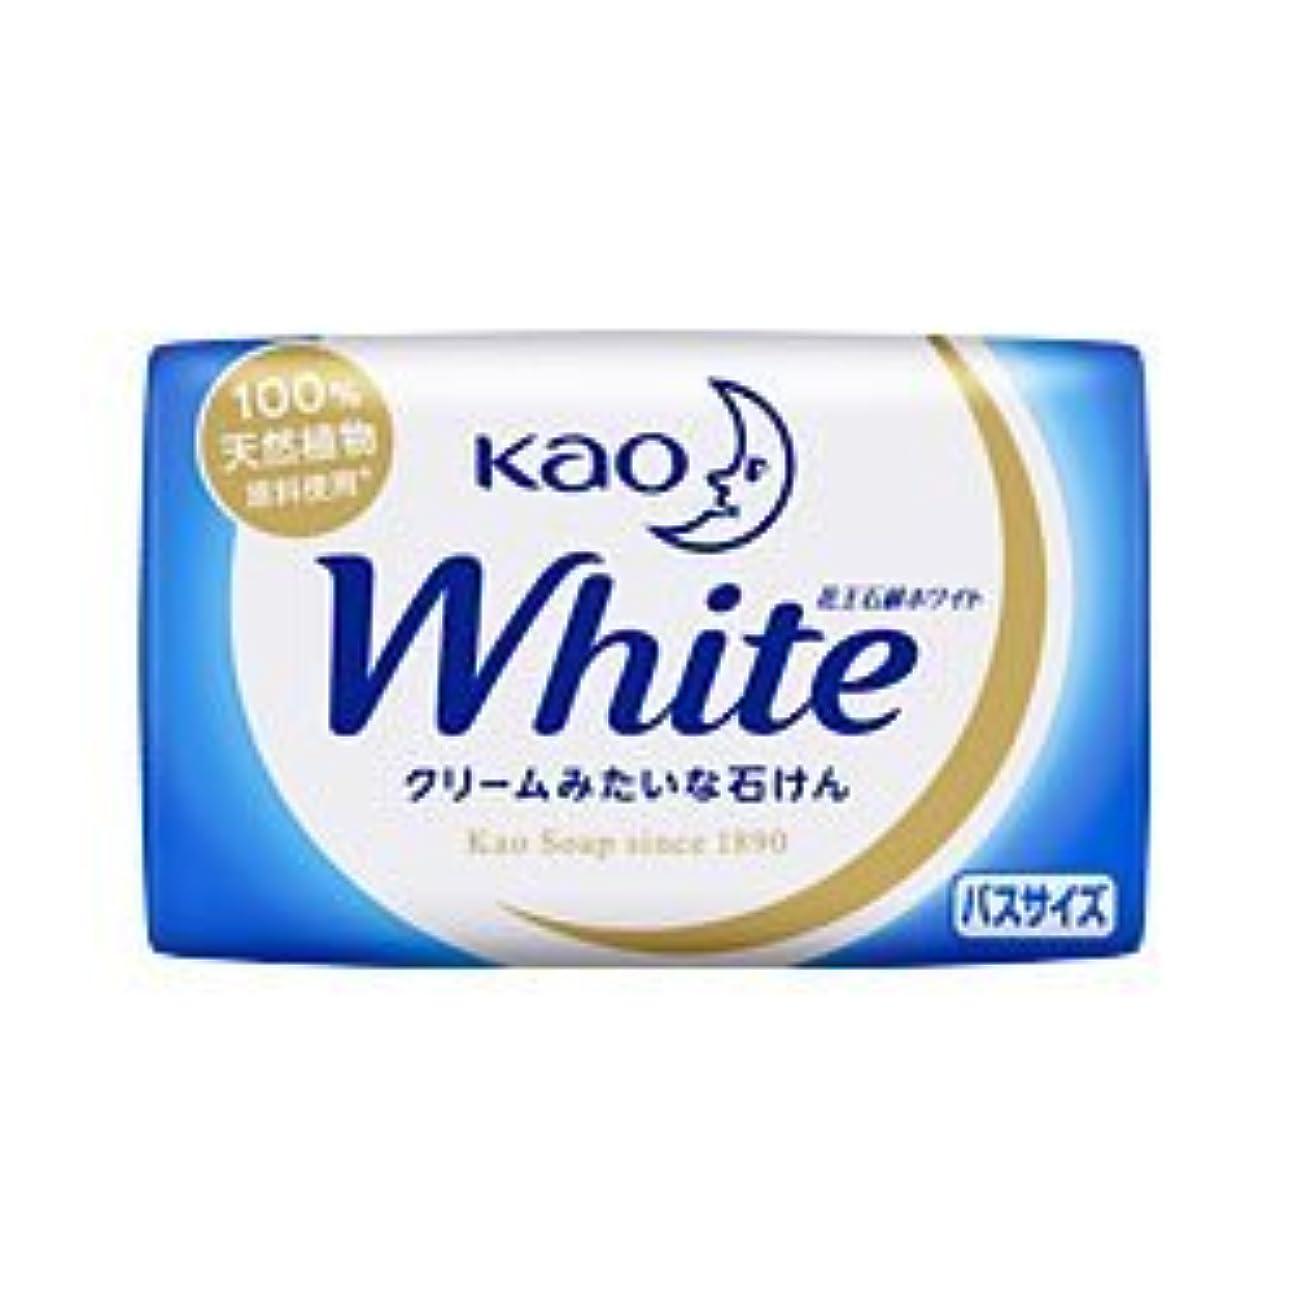 内部宇宙密輸【花王】花王ホワイト バスサイズ 1個 130g ×20個セット